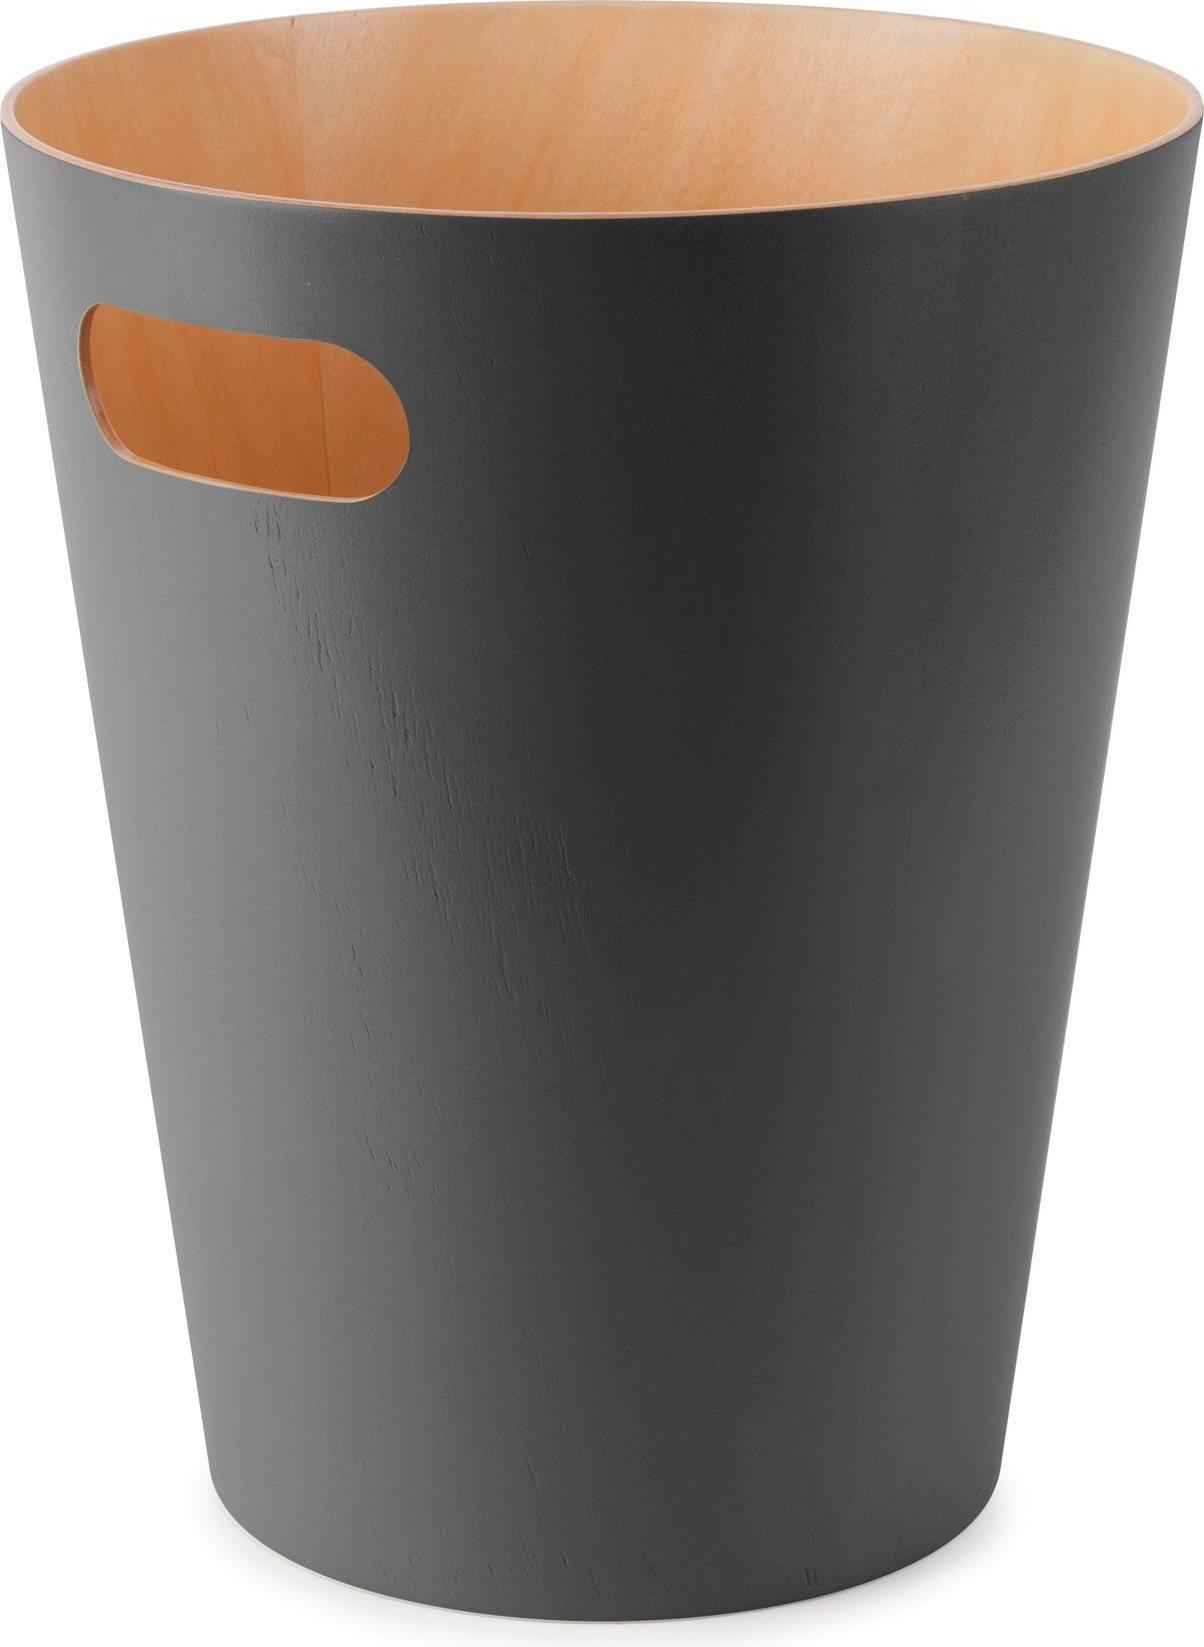 Kosz na śmieci Umbra Woodrow charcoal/natural 082780-618